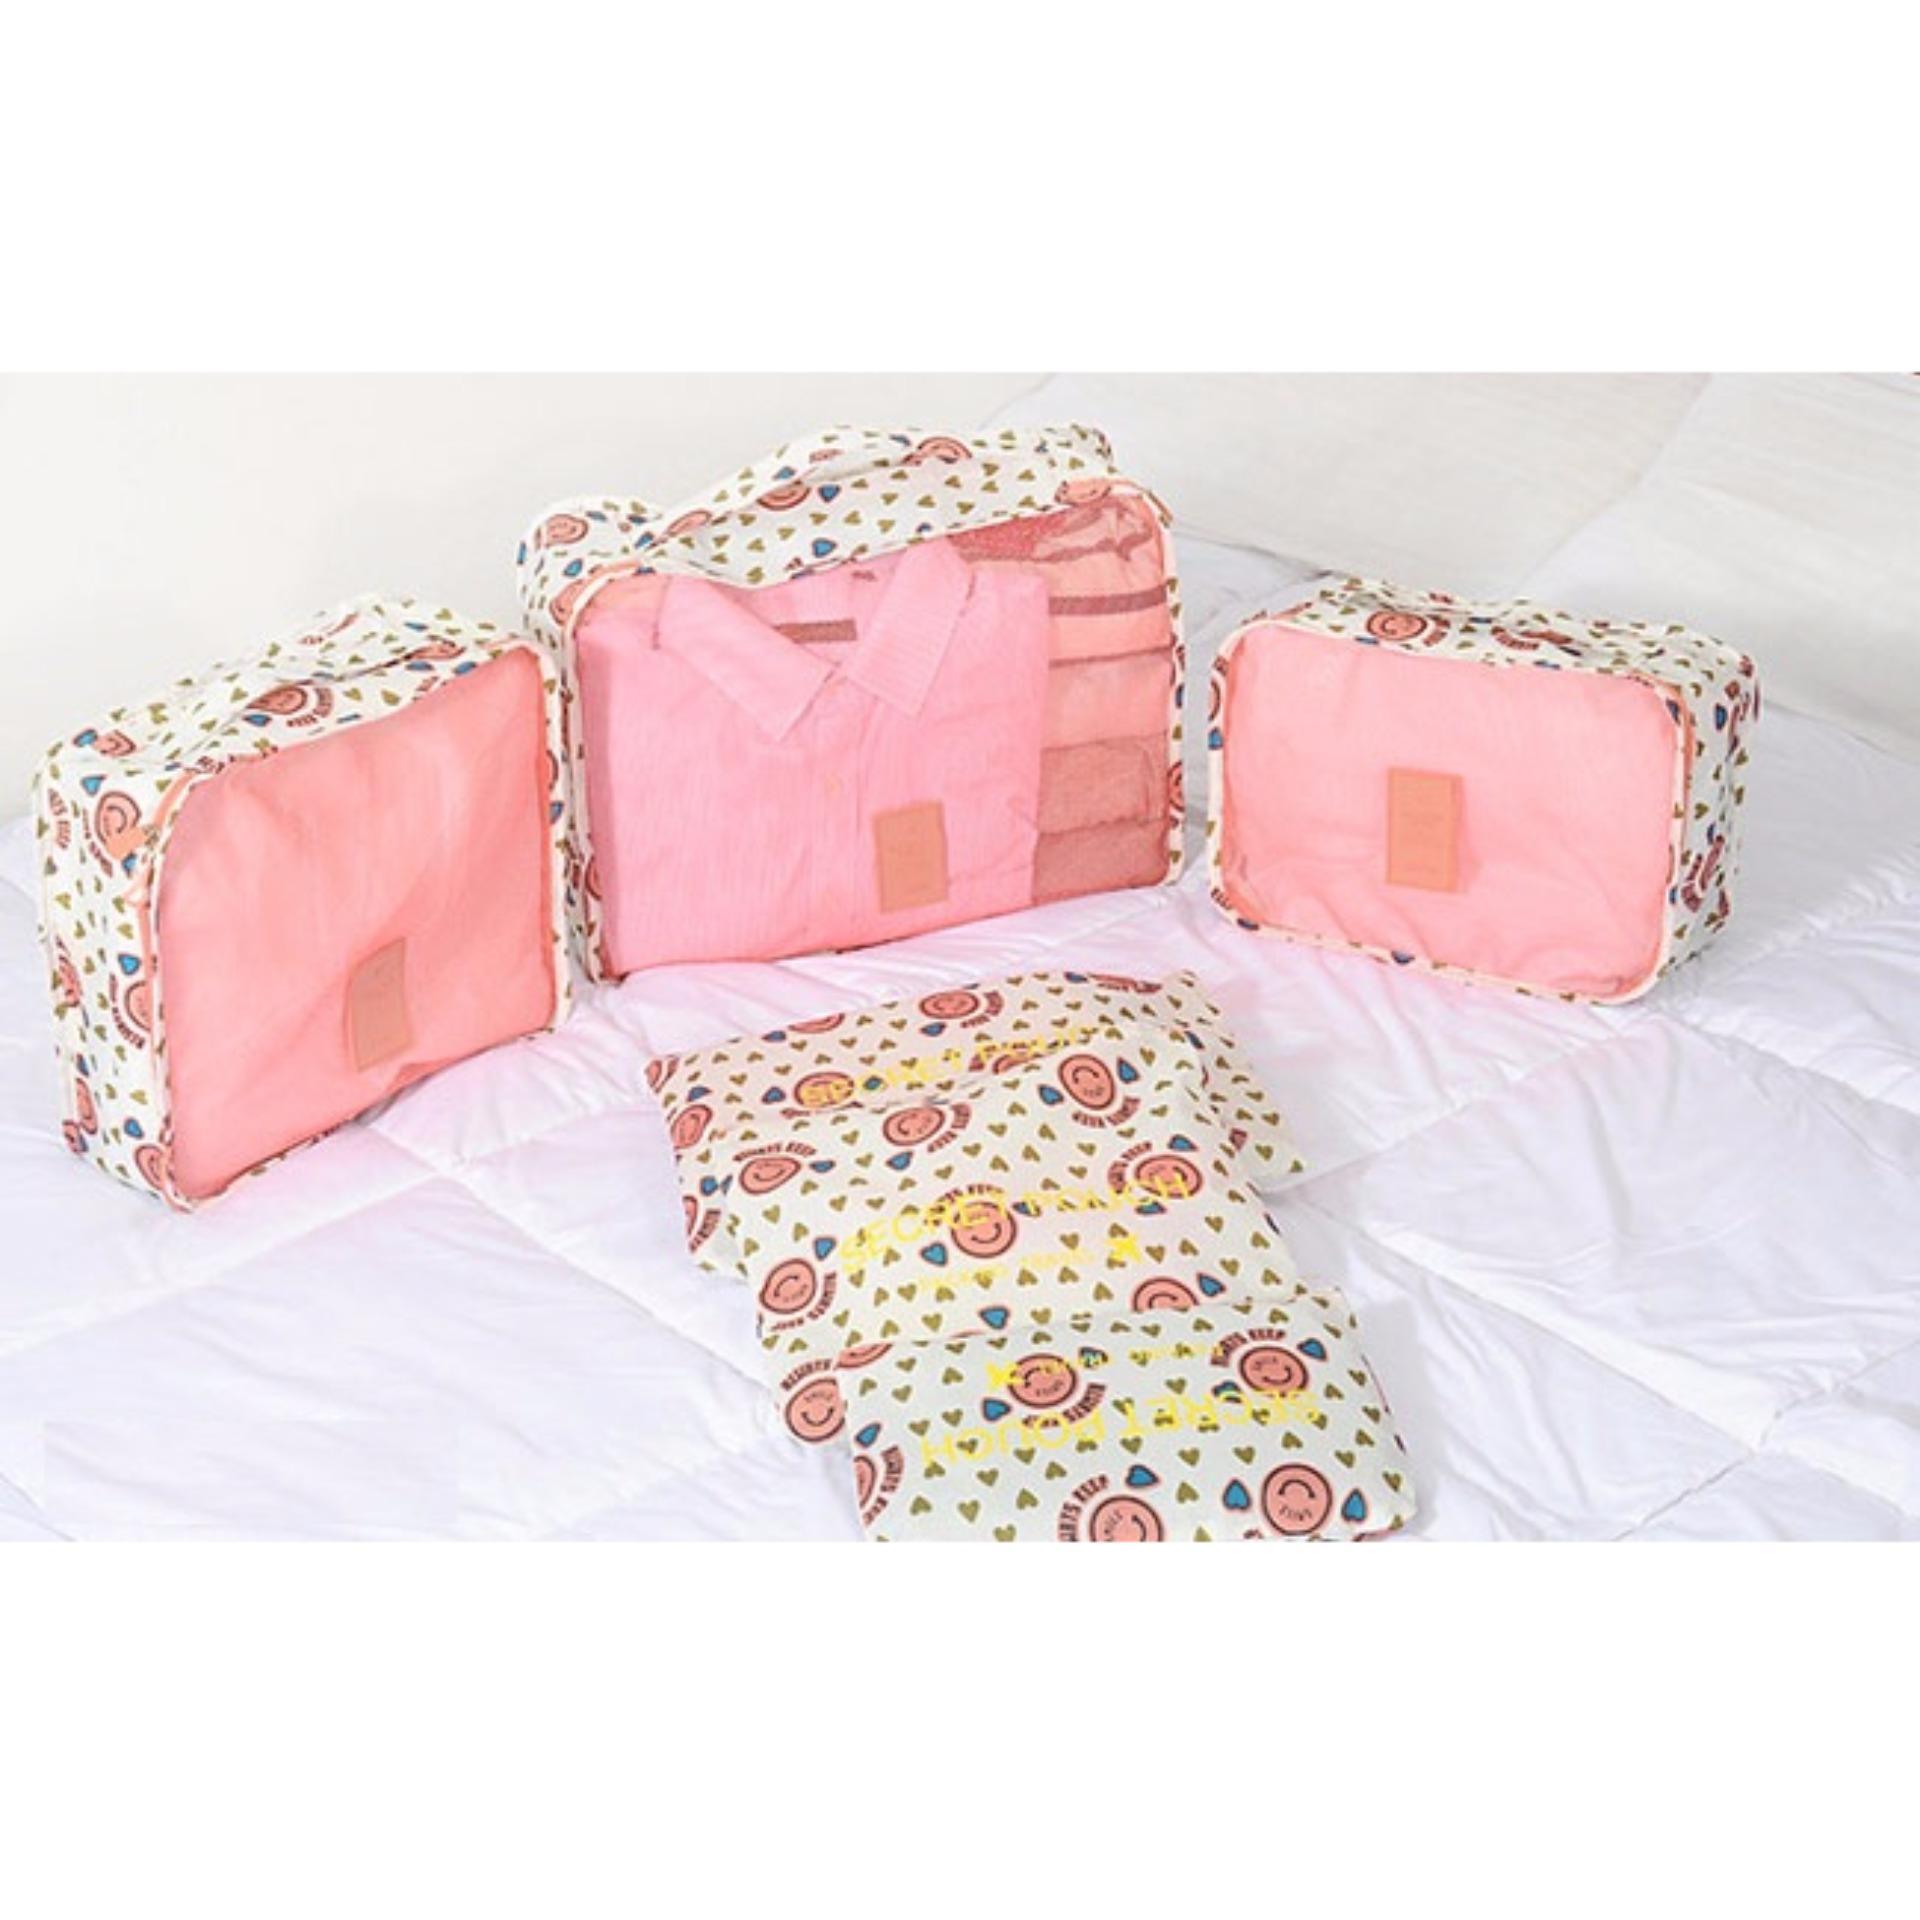 Giá bán Bộ 6 túi du lịch chống thấm Chodeal24h – Mặt cười tim – Hồng